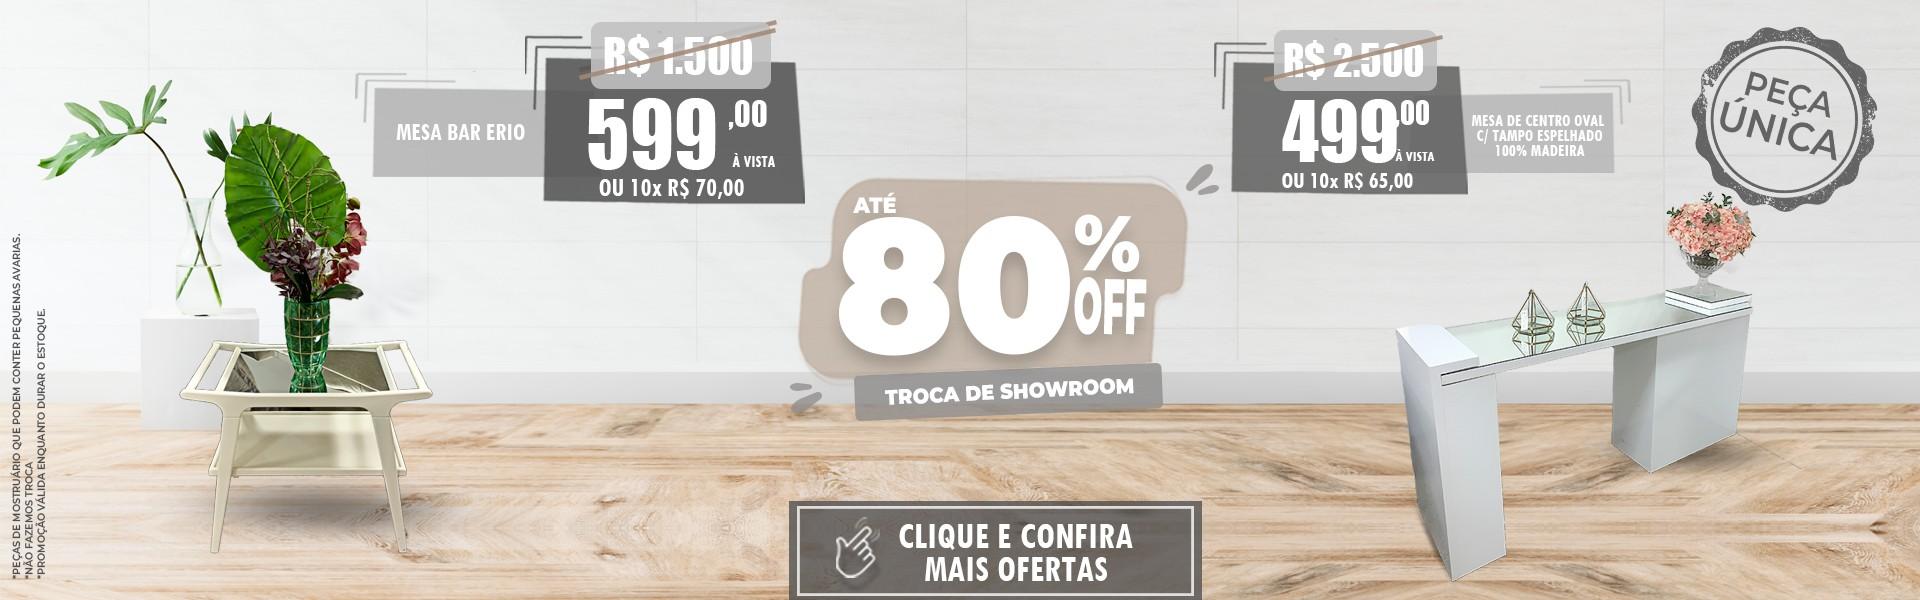 TEM MAIS OFERTAS COM 80%! Click & Confira